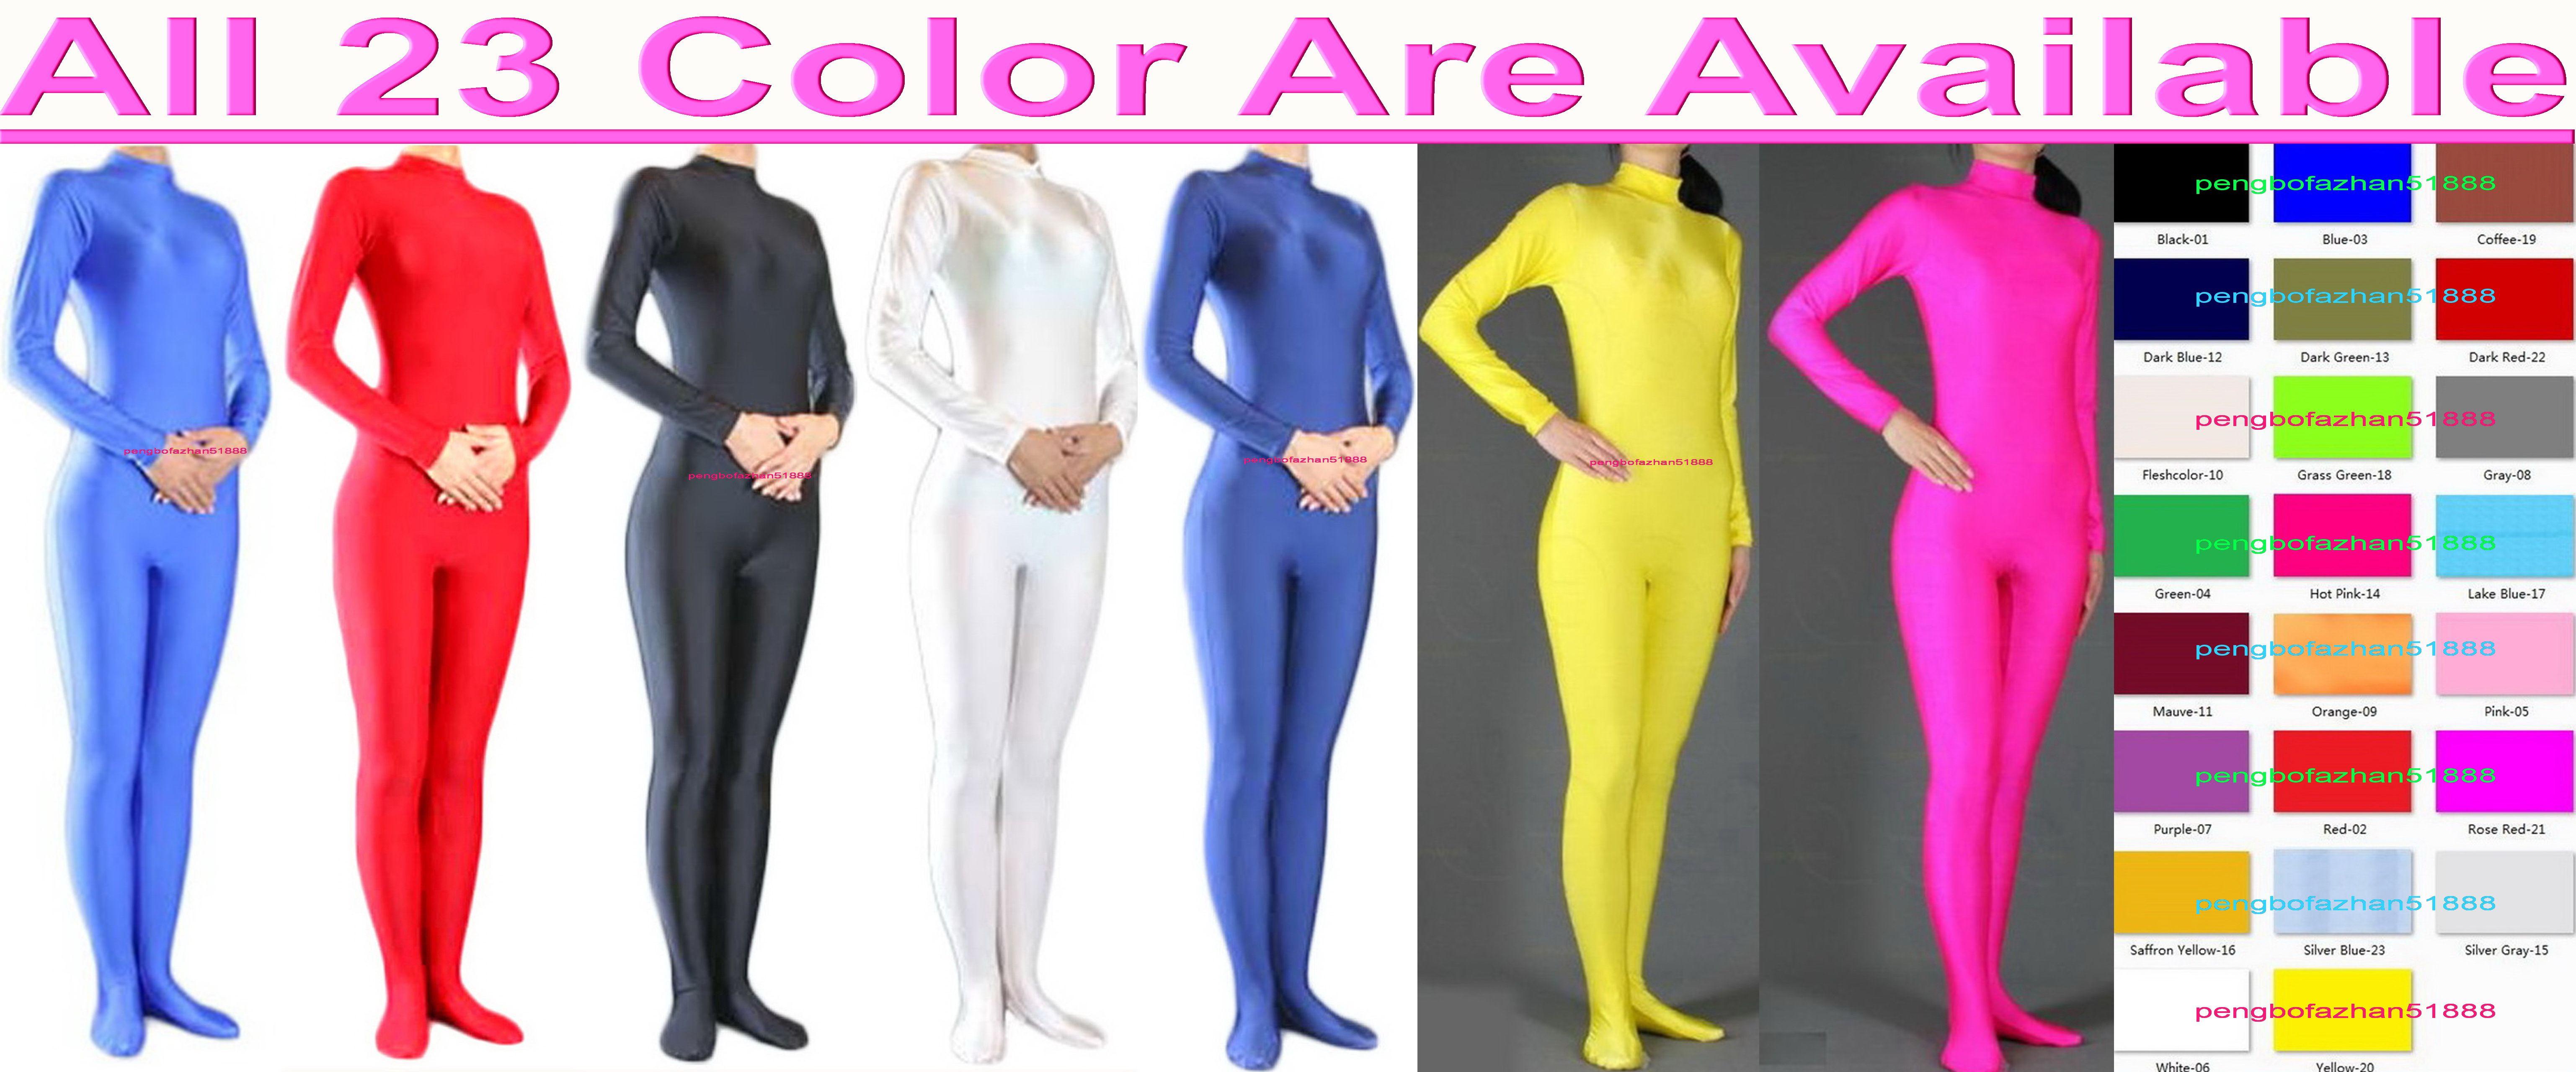 Unisex 23 Farbe Lycra Spandex Catsuit Kostüm Zurück Reißverschluss Sexy Frauen Männer Körperanzug Kostüme Kein Kopf / Hand Halloween Party Fancy Kleid Cosplay Bodysuit P013